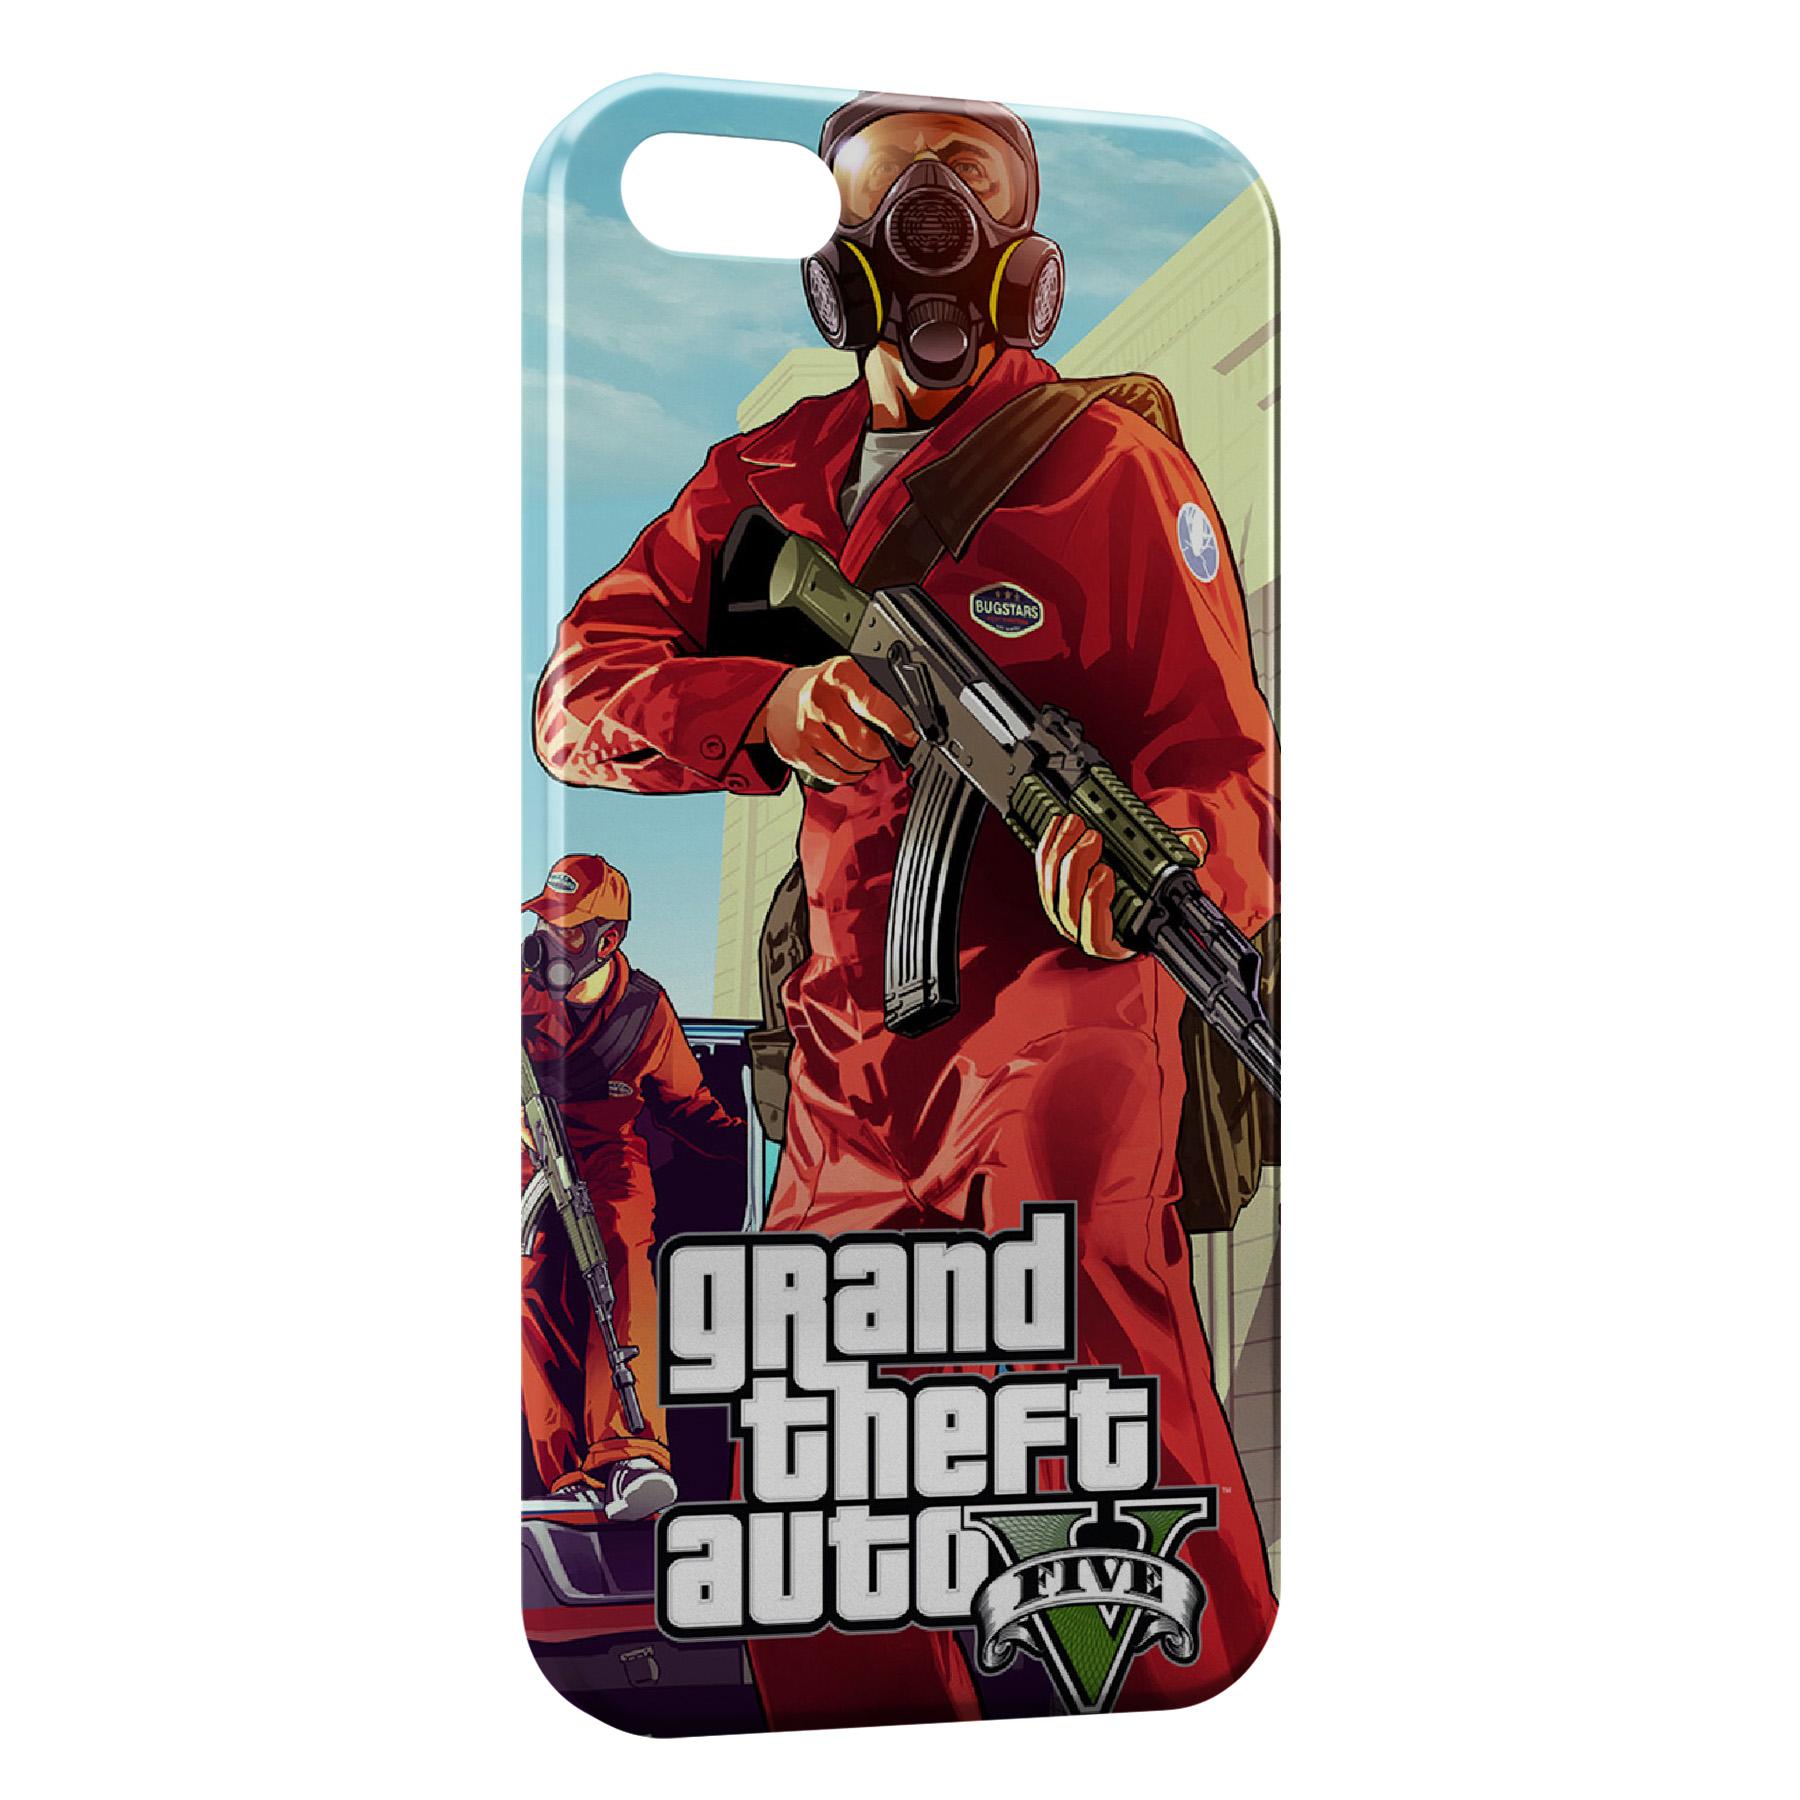 coque iphone 5 gta